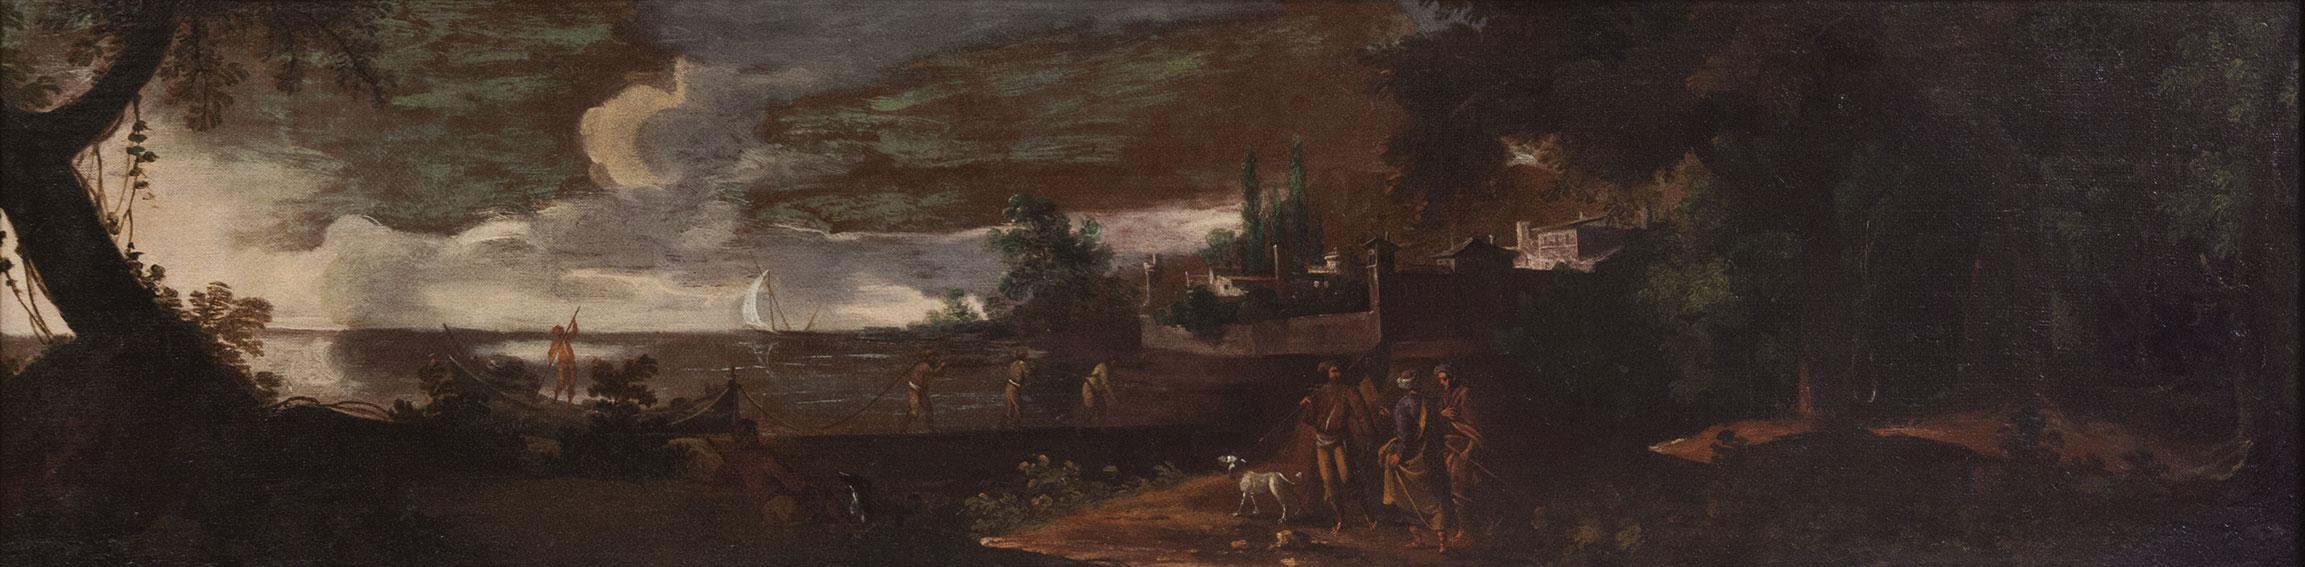 Scuola romana Paesaggio costiero con viandanti e pescatori